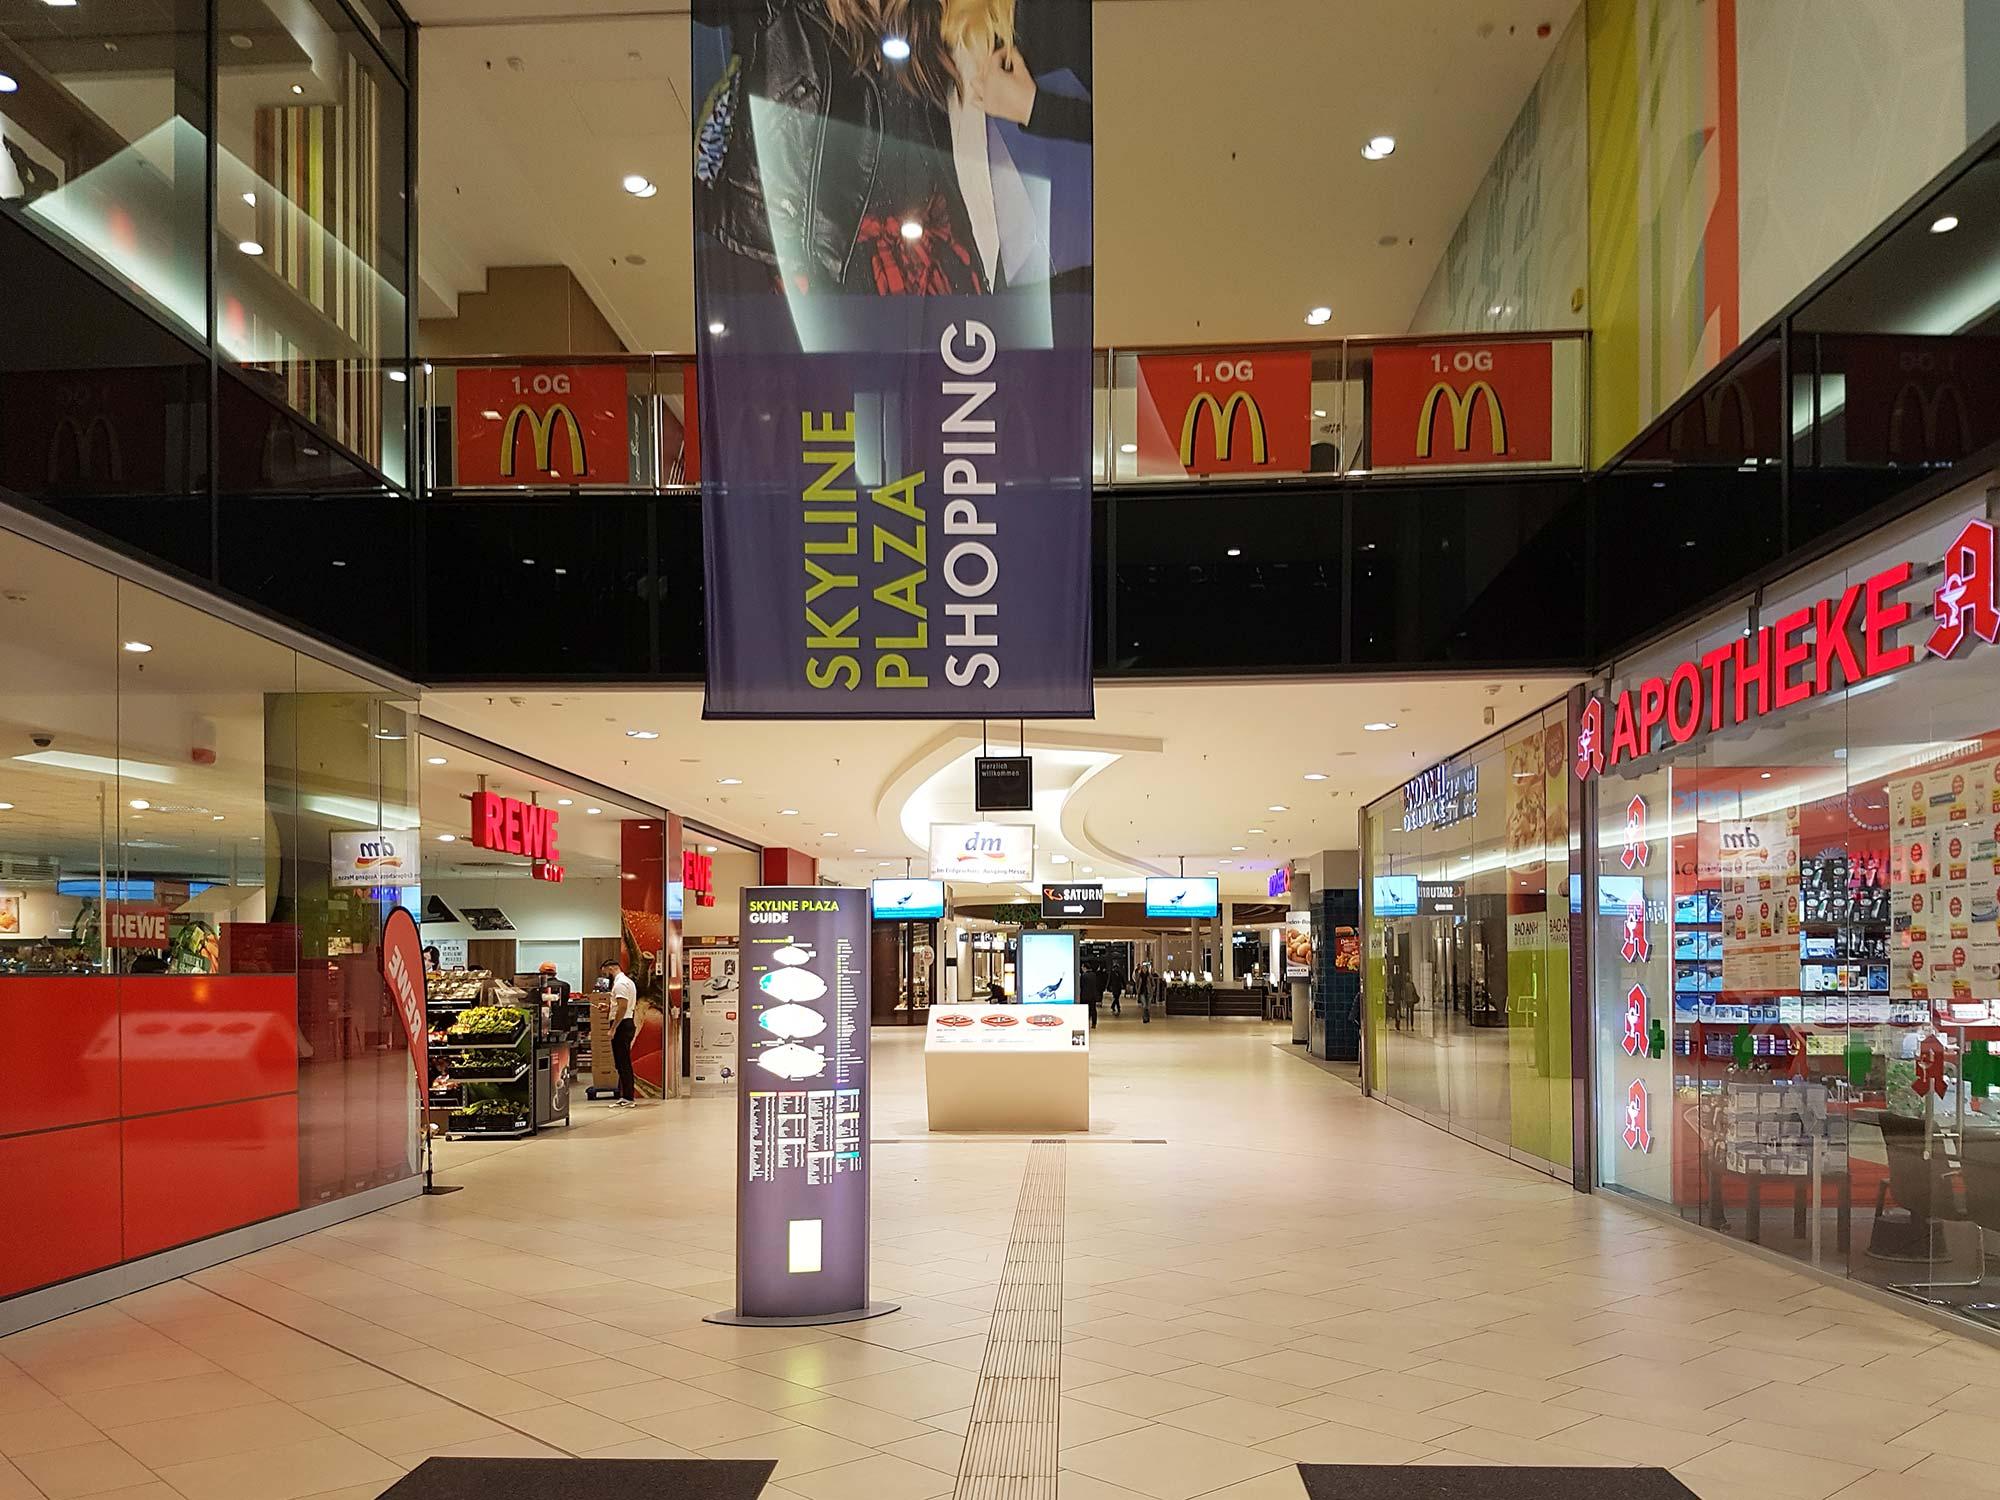 Frankfurt Skyline Plaza - FFM Shopping Zentrum Skyline Plaza - Skyline Plaza Shopping